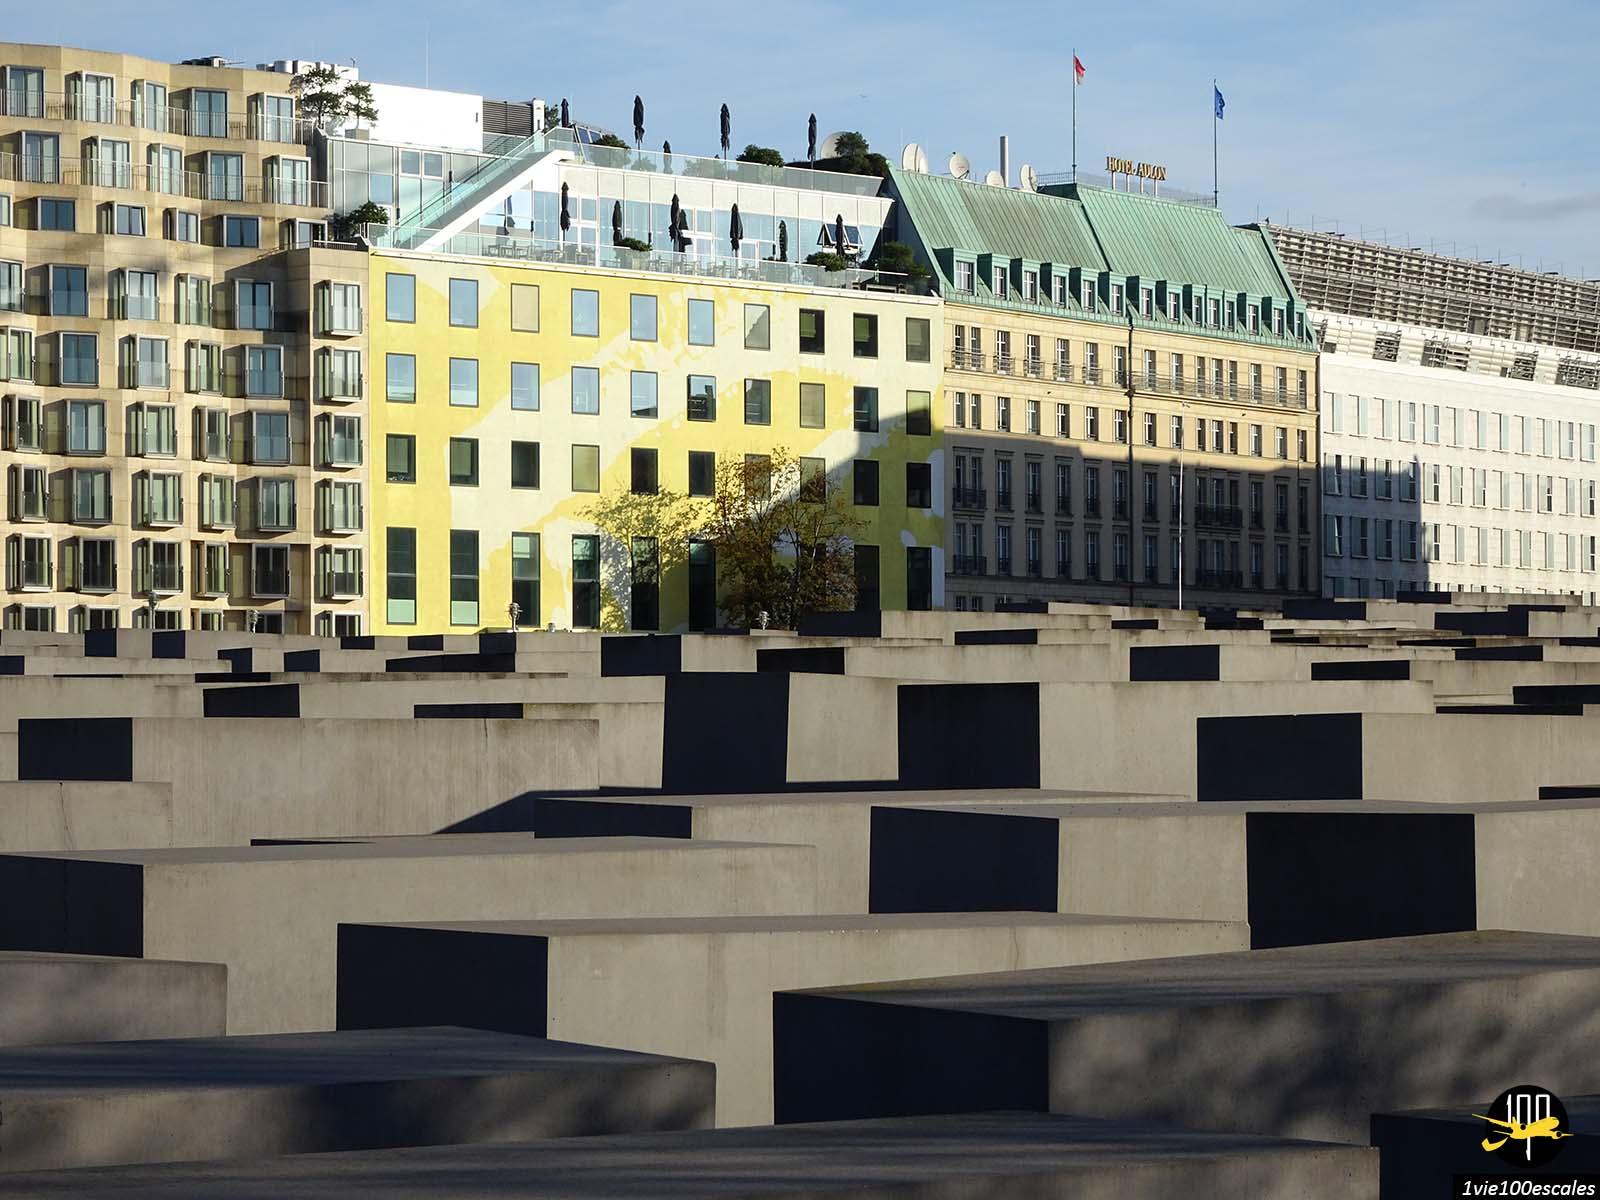 Les stèles du Mémorial aux Juifs assassinés d'Europe de Berlin